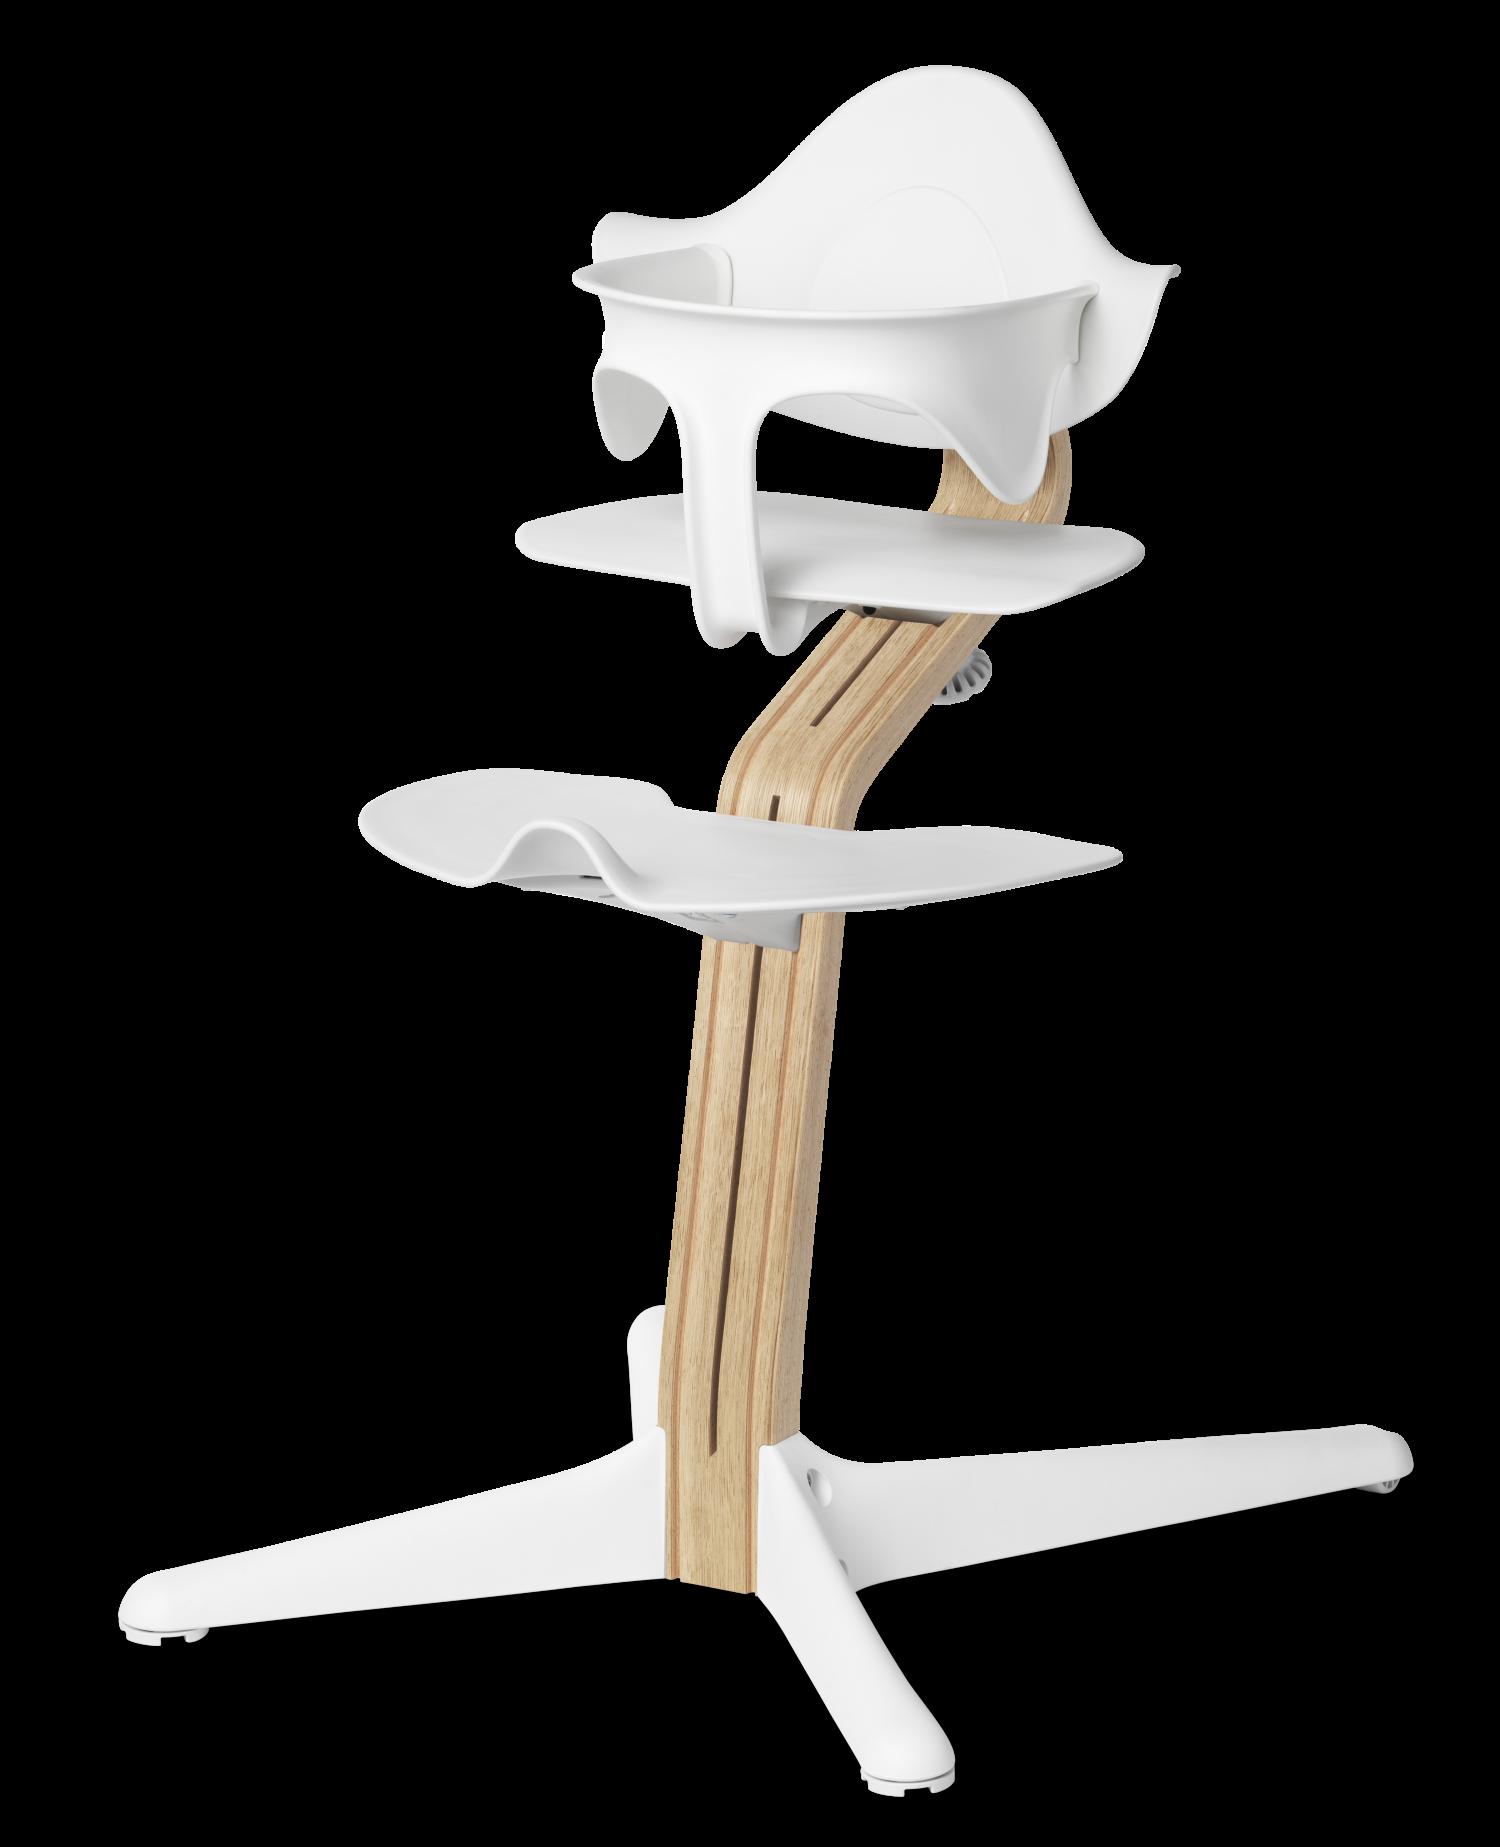 Nomi NOMI highchair Ideale set vanaf 6 maanden Basis eiken wit oiled en stoel wit